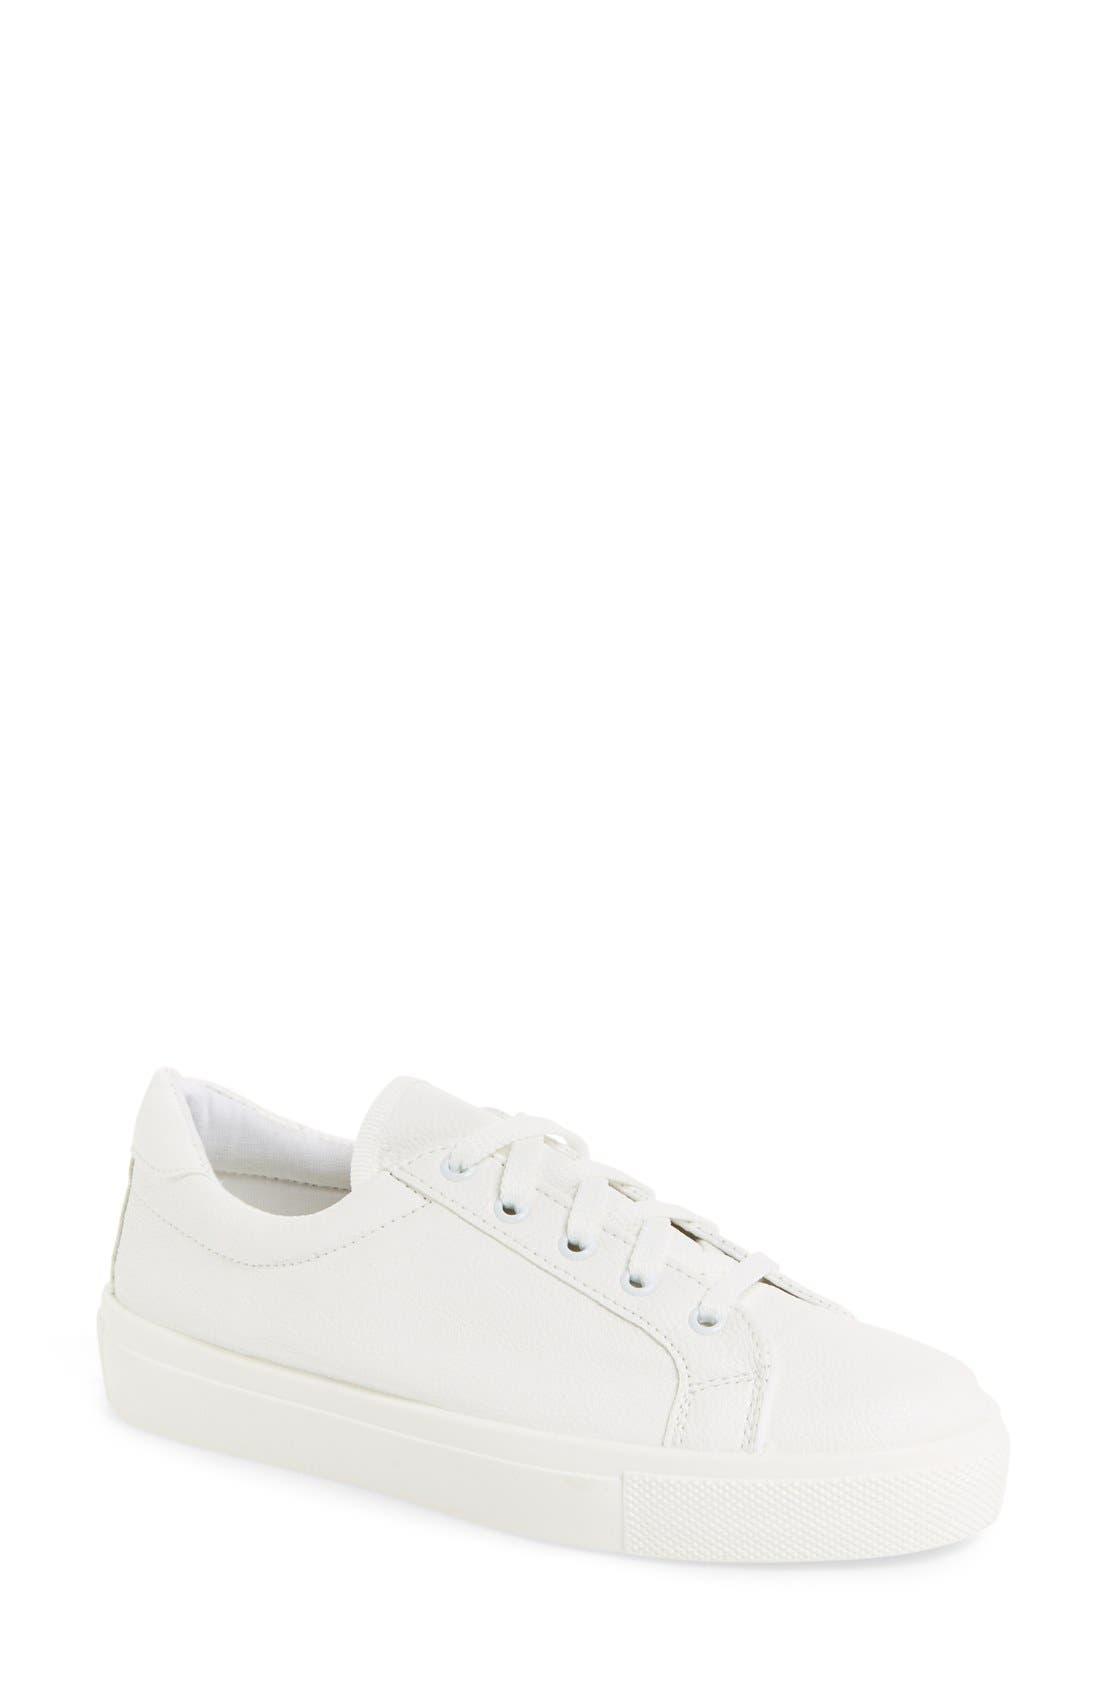 Alternate Image 1 Selected - Topshop 'Copenhagen' Sneaker (Women)